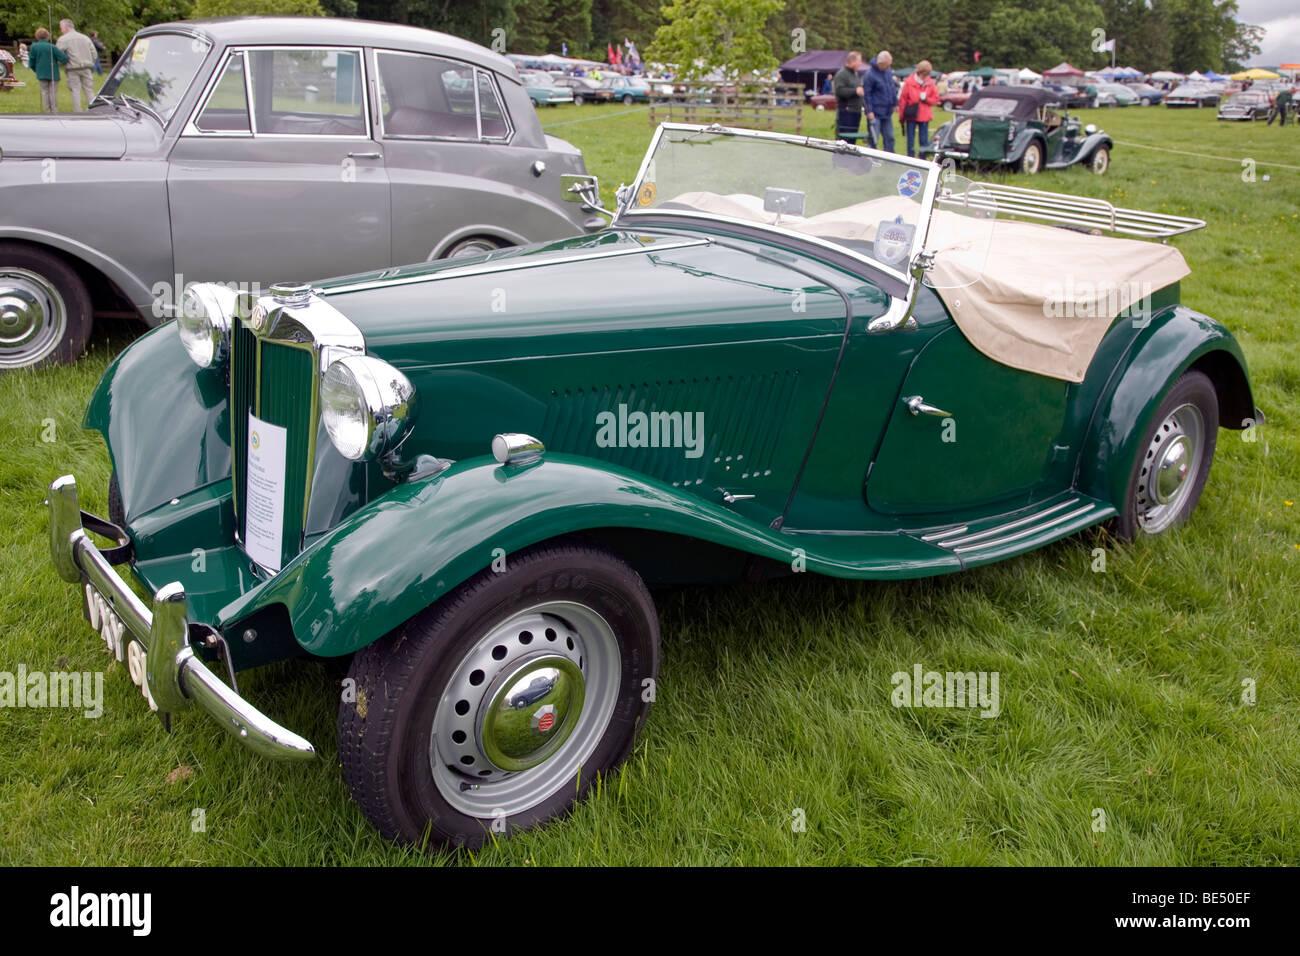 1952 MG TD MkII at Scottish Borders Historic Motoring Extravaganza 2009 - Stock Image